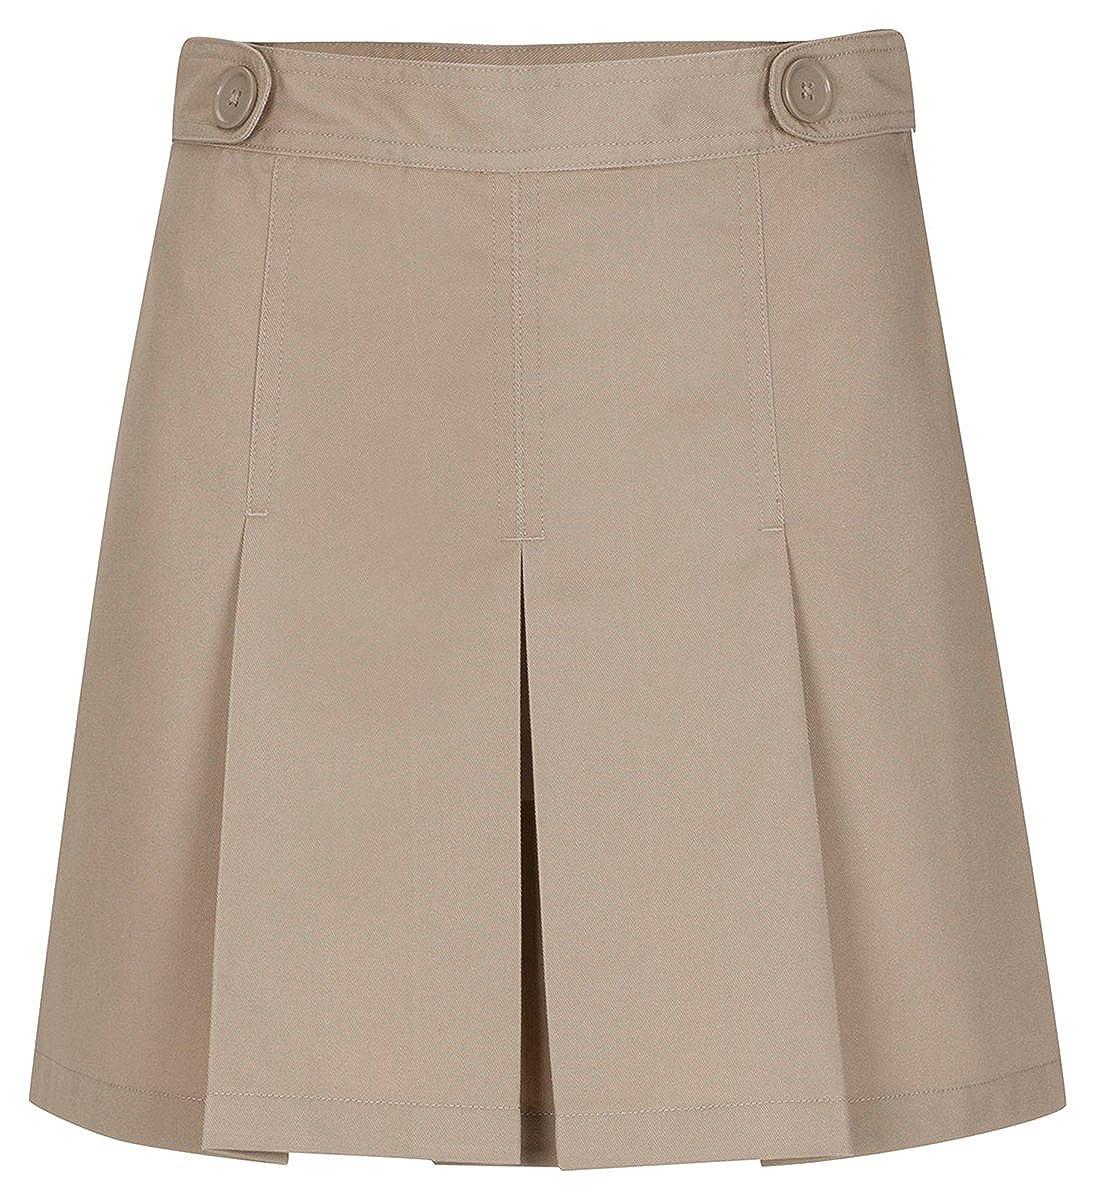 Classroom Uniforms Girls Adjustable Waist Hipster Scooter_Khaki_14 55322A